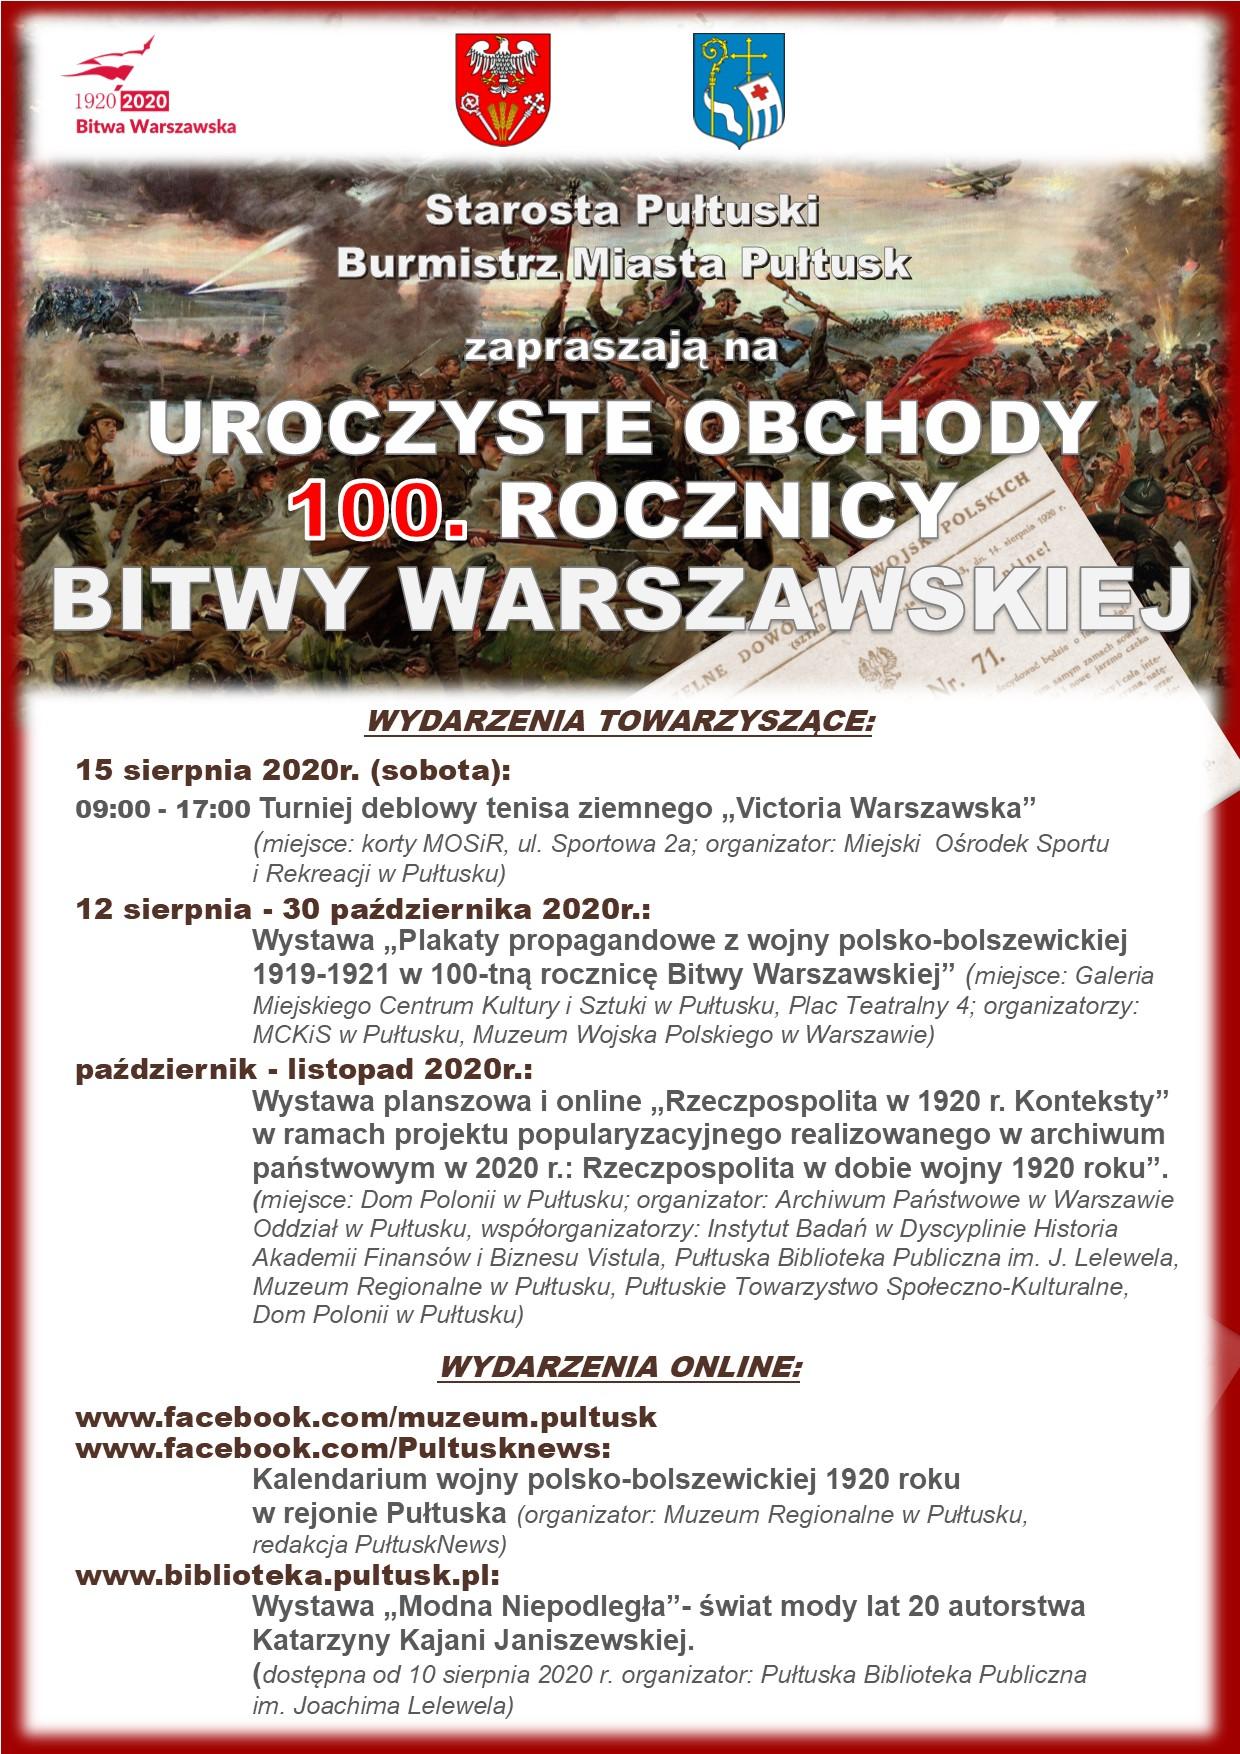 Plakat 100. rocznica Bitwy Warszawskiej - wydarzenia towarzyszące